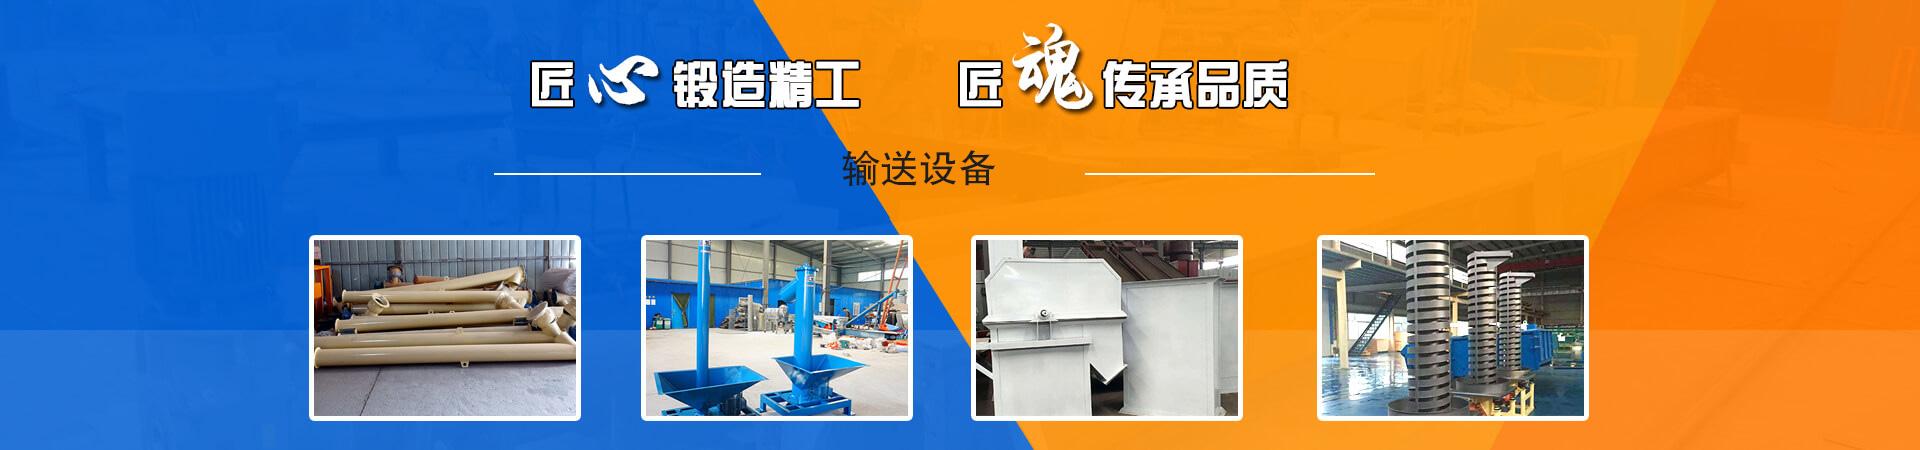 格linyu乐输送机设备有输送和tisheng两大系列,输送liang大,可灵活搭pei,适应能力强